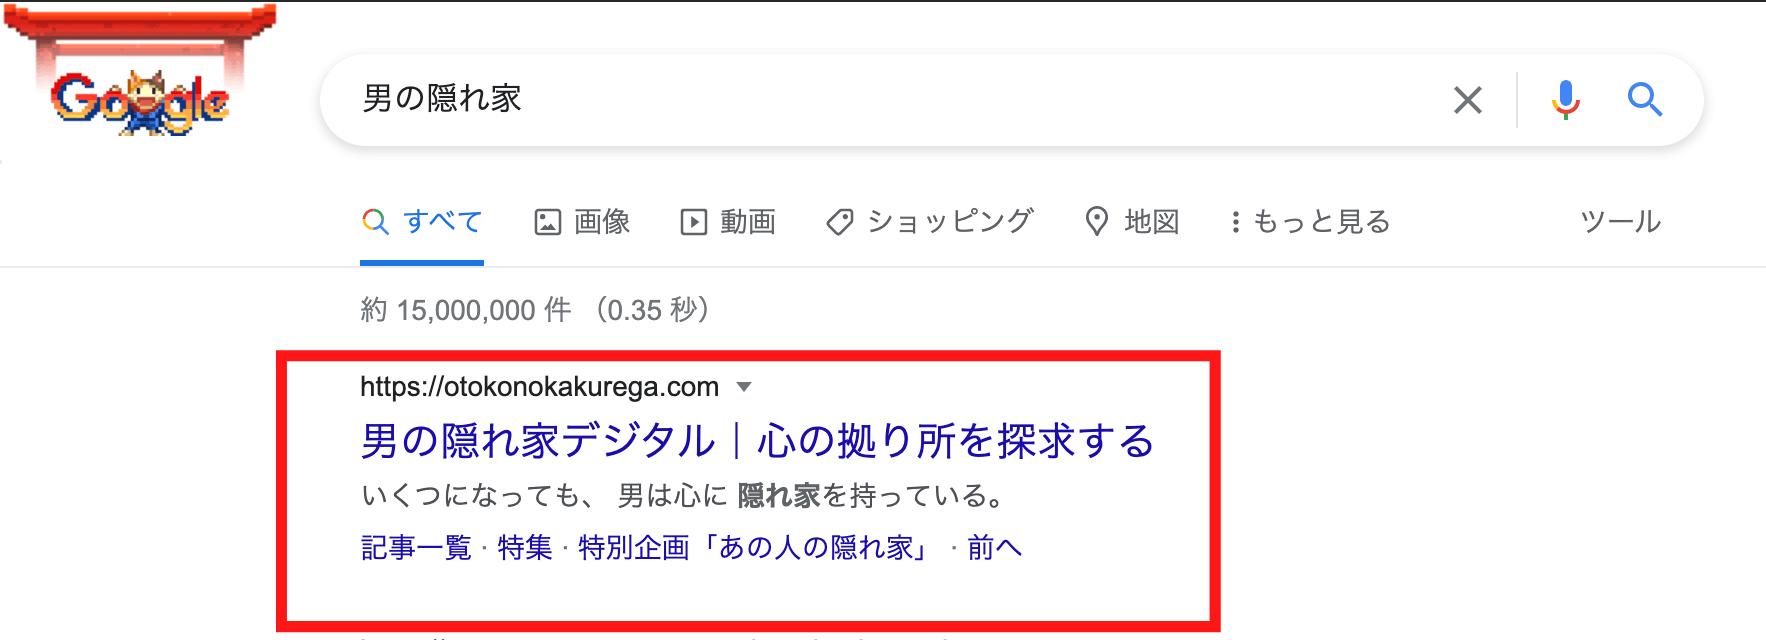 google-otokonokakurega-top display